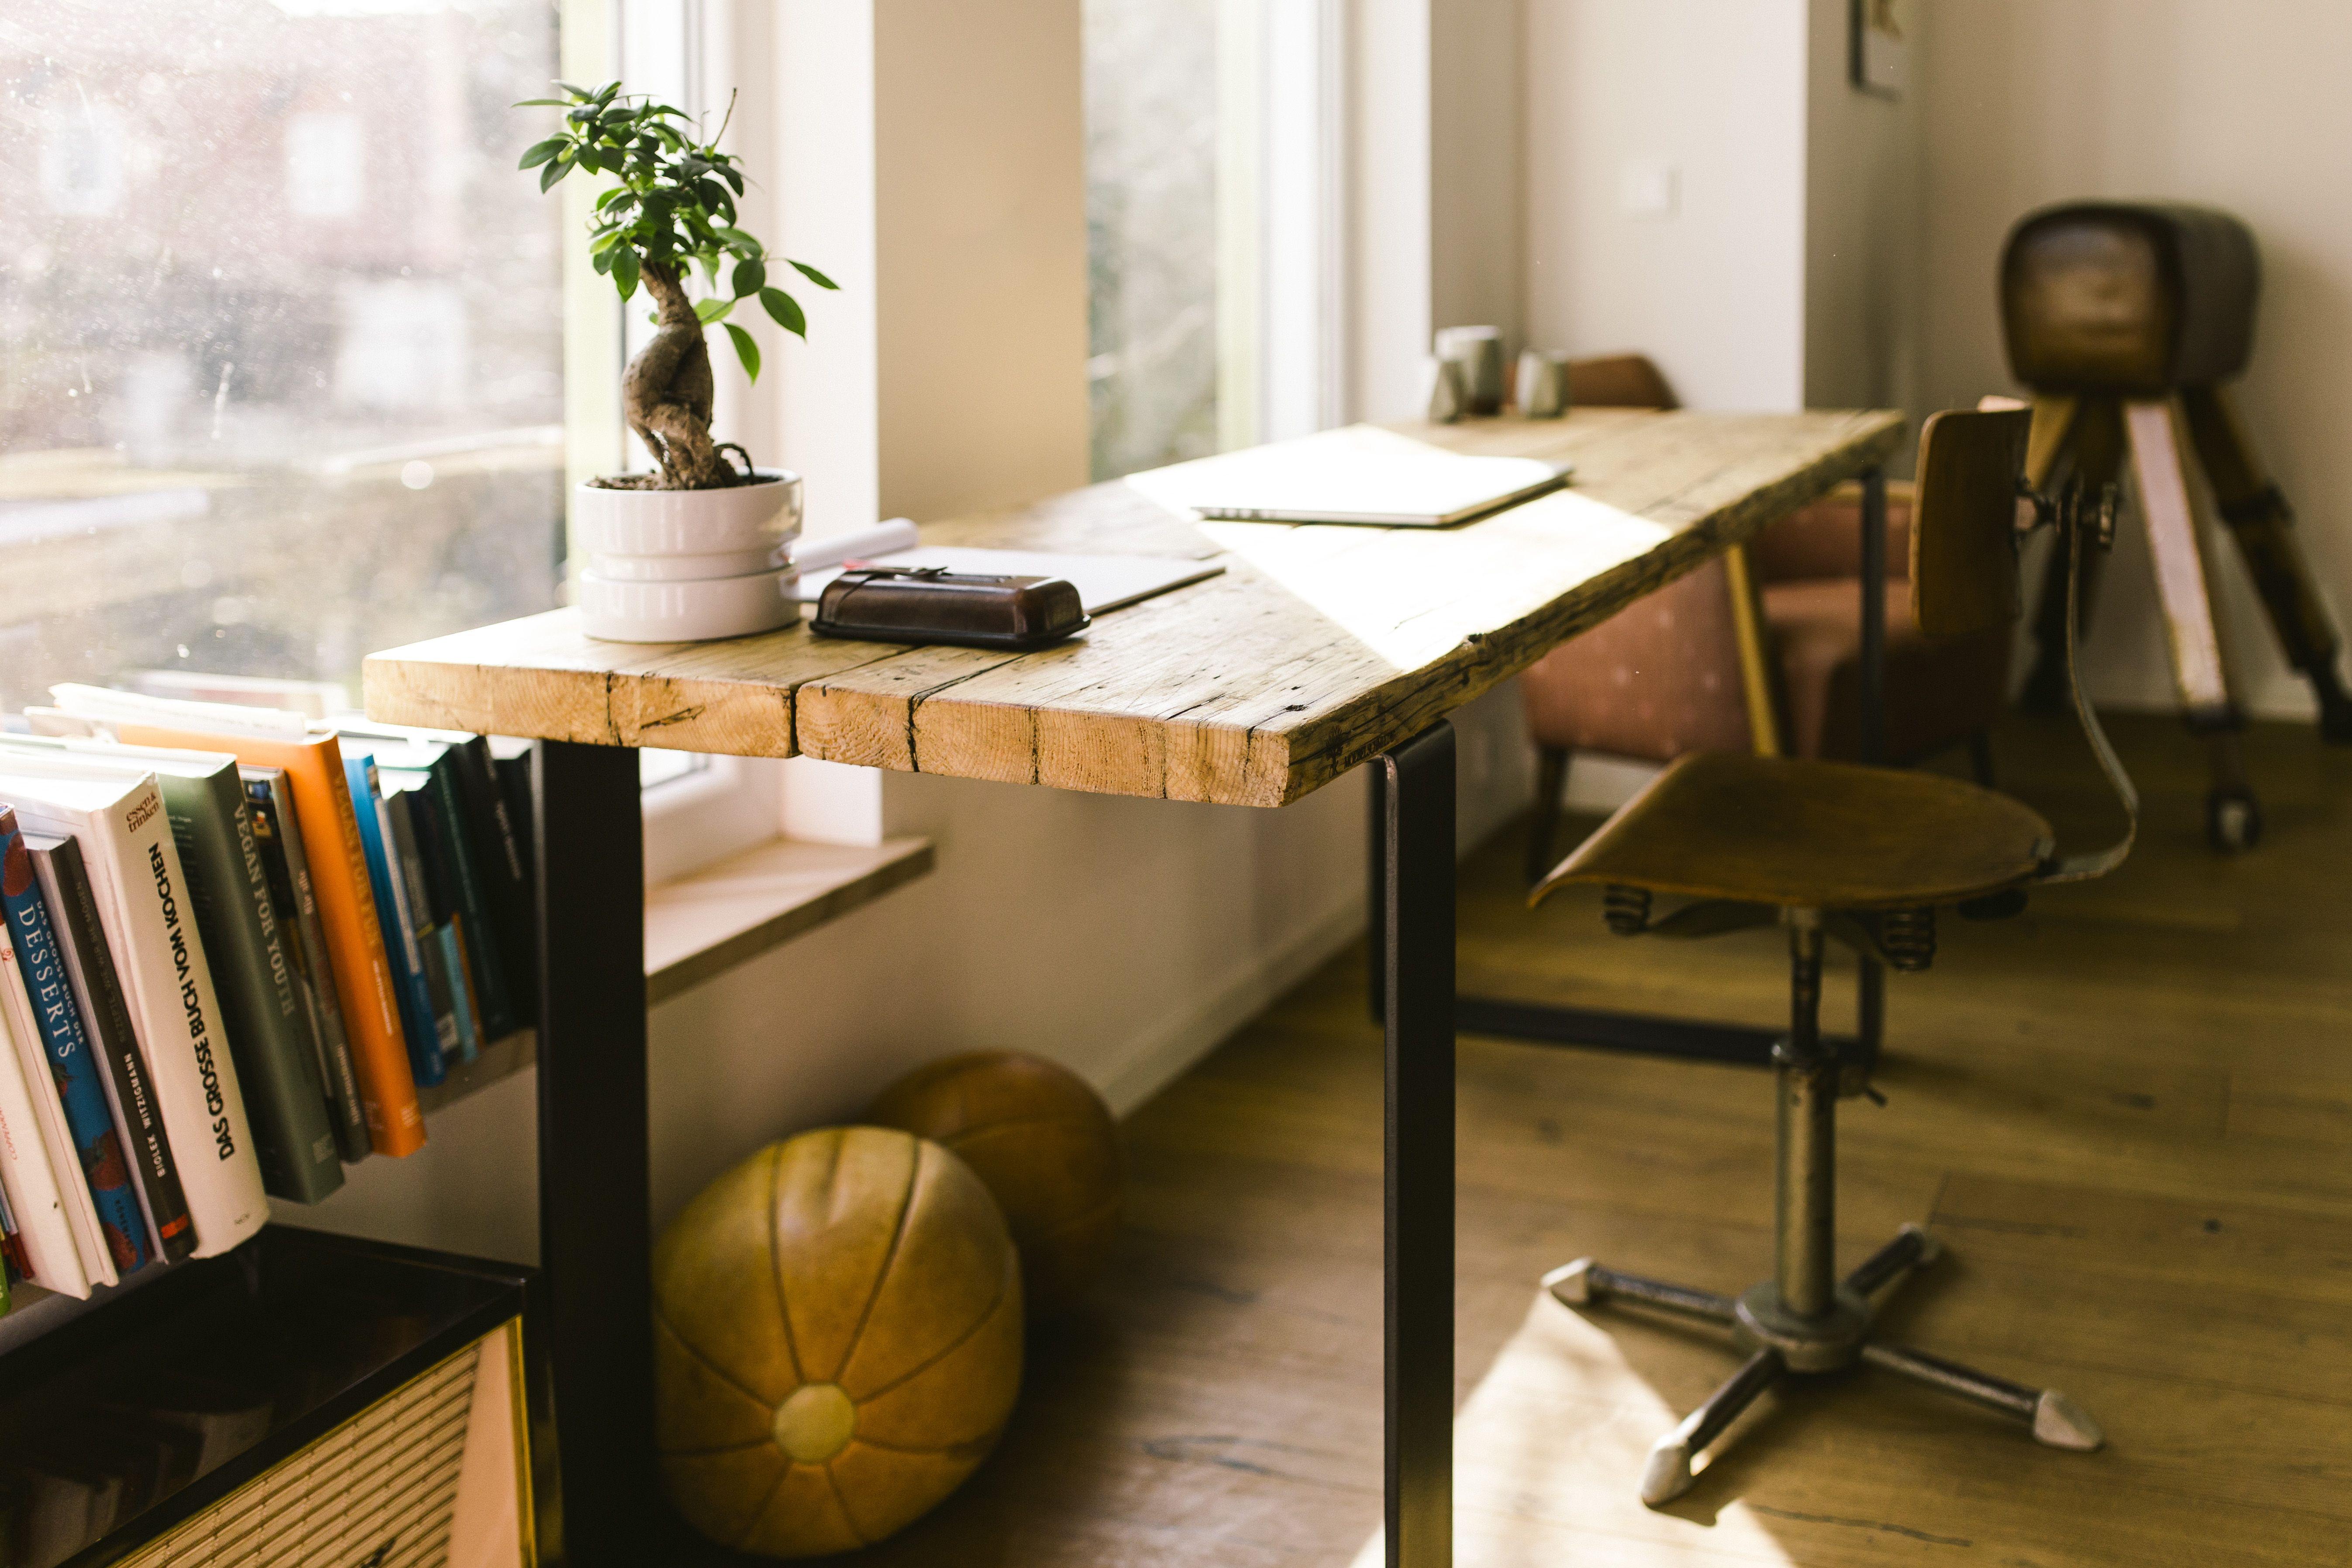 Schreibtisch industriedesign  Schreibtisch Industriedesign Industrie Design Tisch recyceltes ...